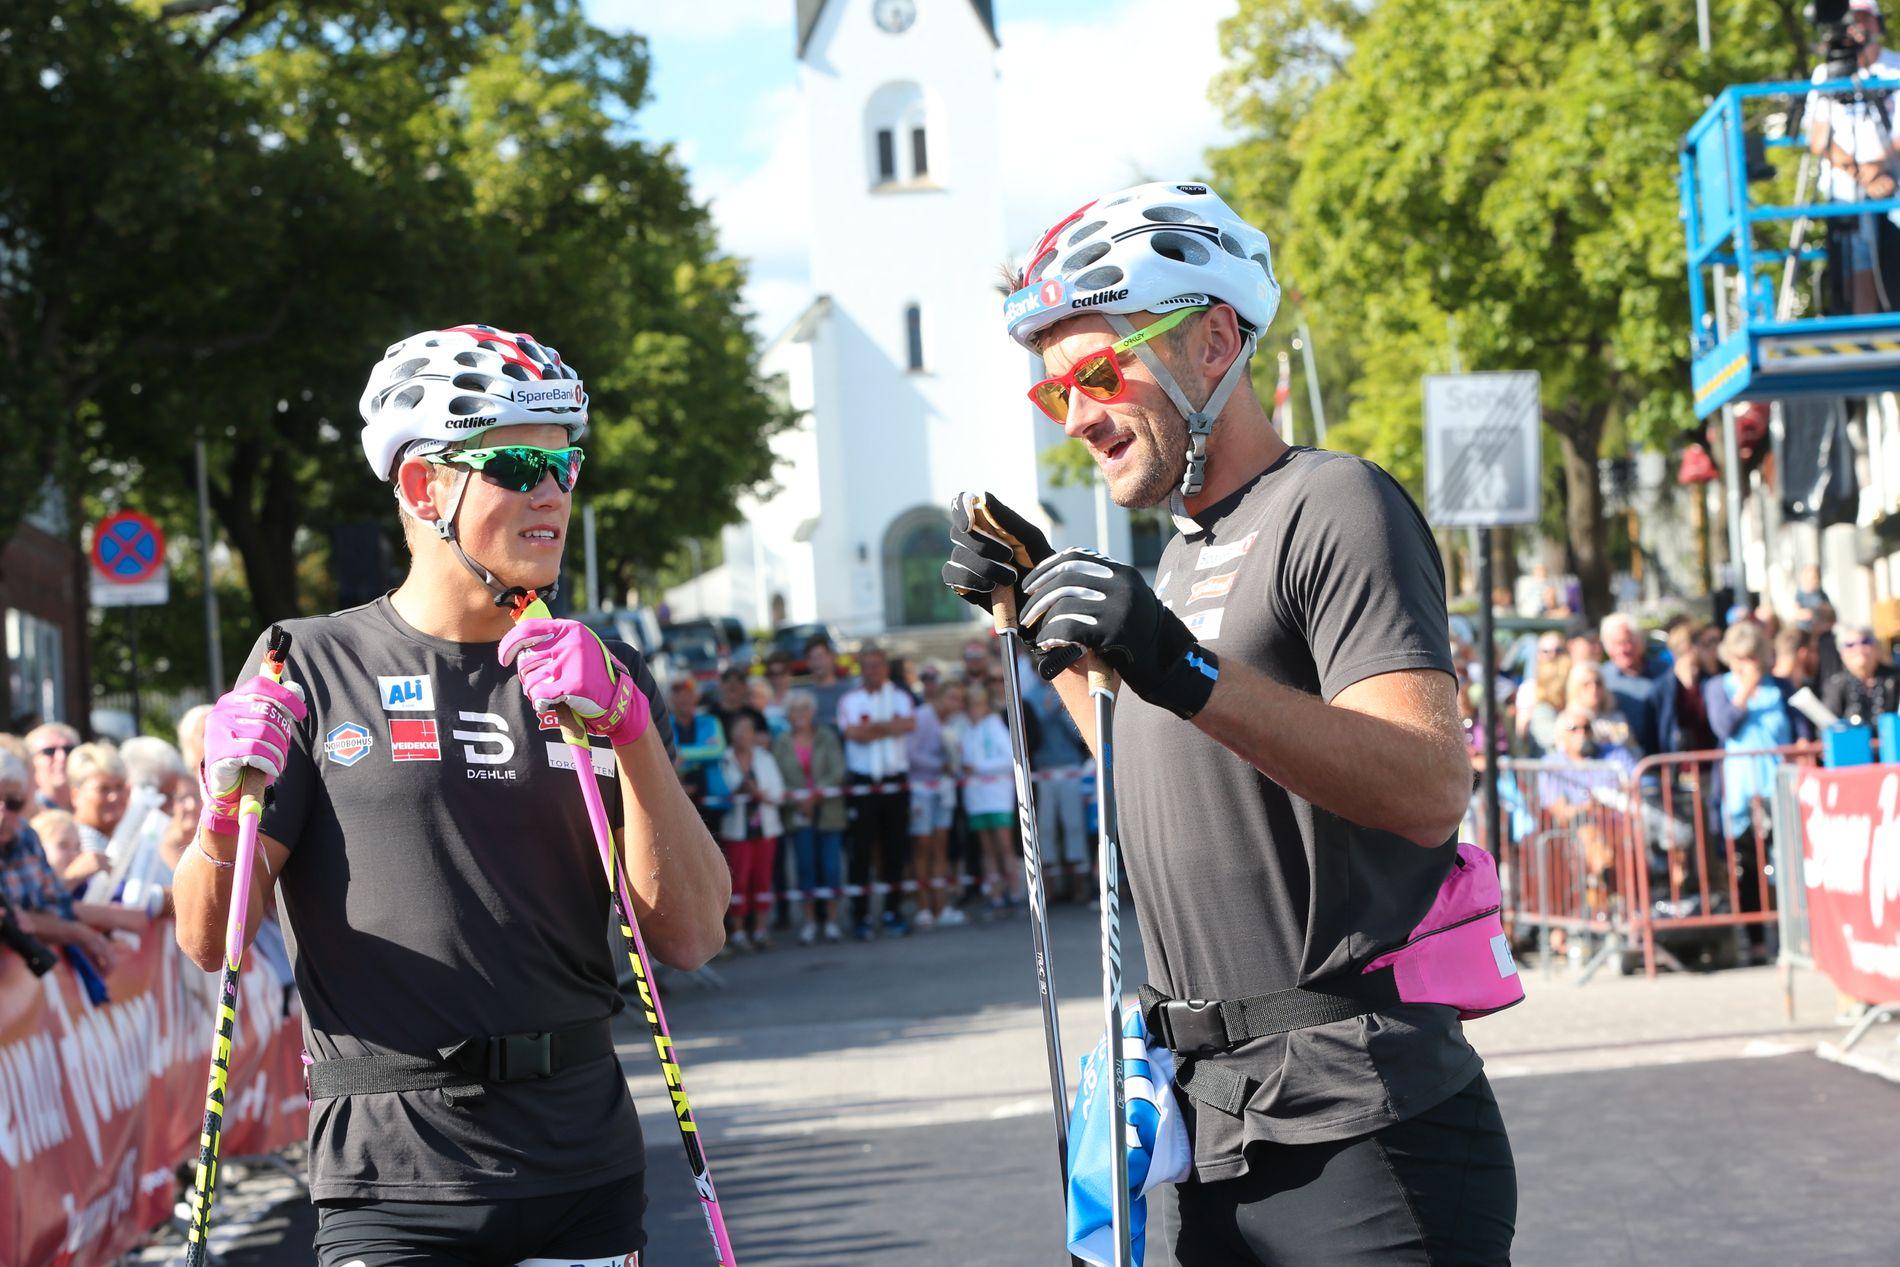 PÅ SOMMERFØRE: Johannes Høsflot Klæbo (t.v.) og Petter Northug jr. fotografert under rulleskirennet Kirkebakken Grand Prix i Hamar i sommer.